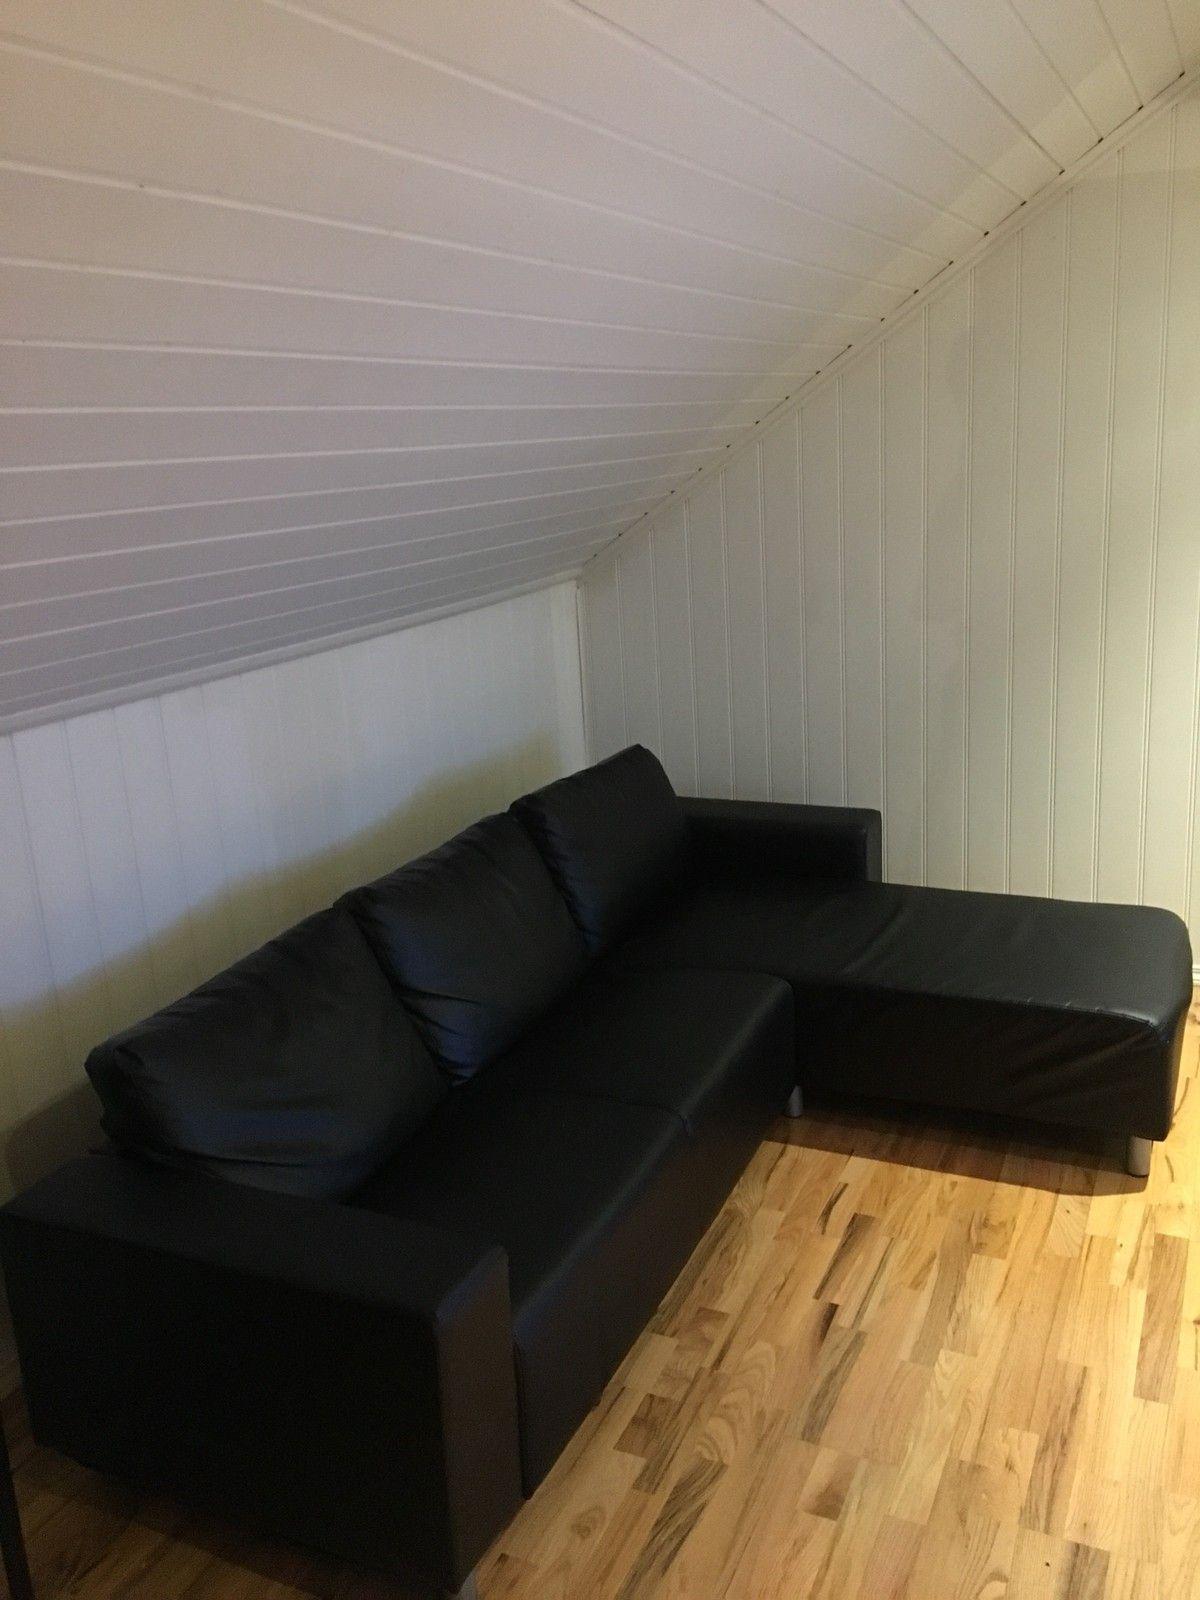 Sofa - Bergen  - Sofa i kunstskinn fra Jysk selges rimelig. Mål sjeselong, dybde: 159 cm, lengde rygg: 240 cm, dybde 80 cm. - Bergen